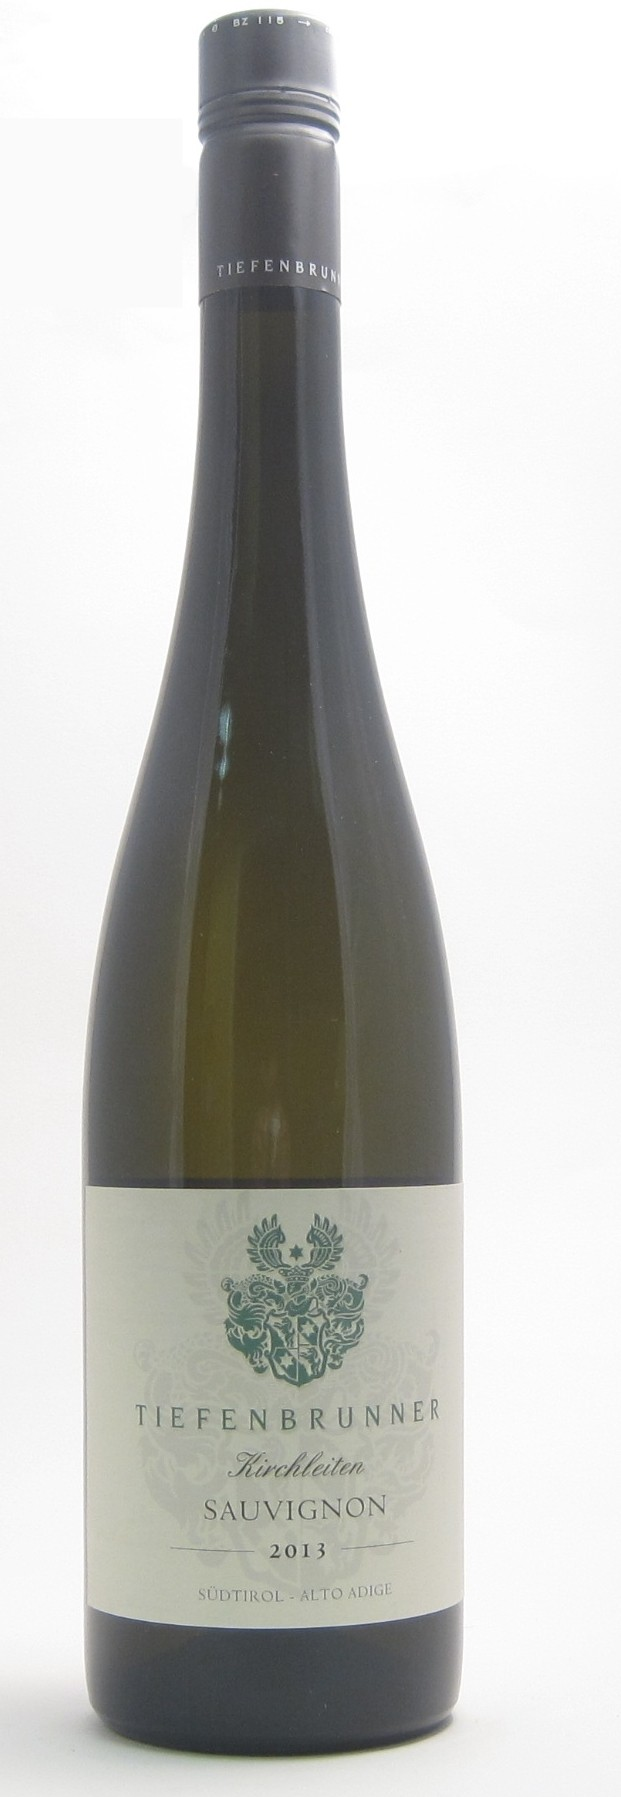 Tiefenbrunner 'Kirchleiten' Sauvignon Blanc